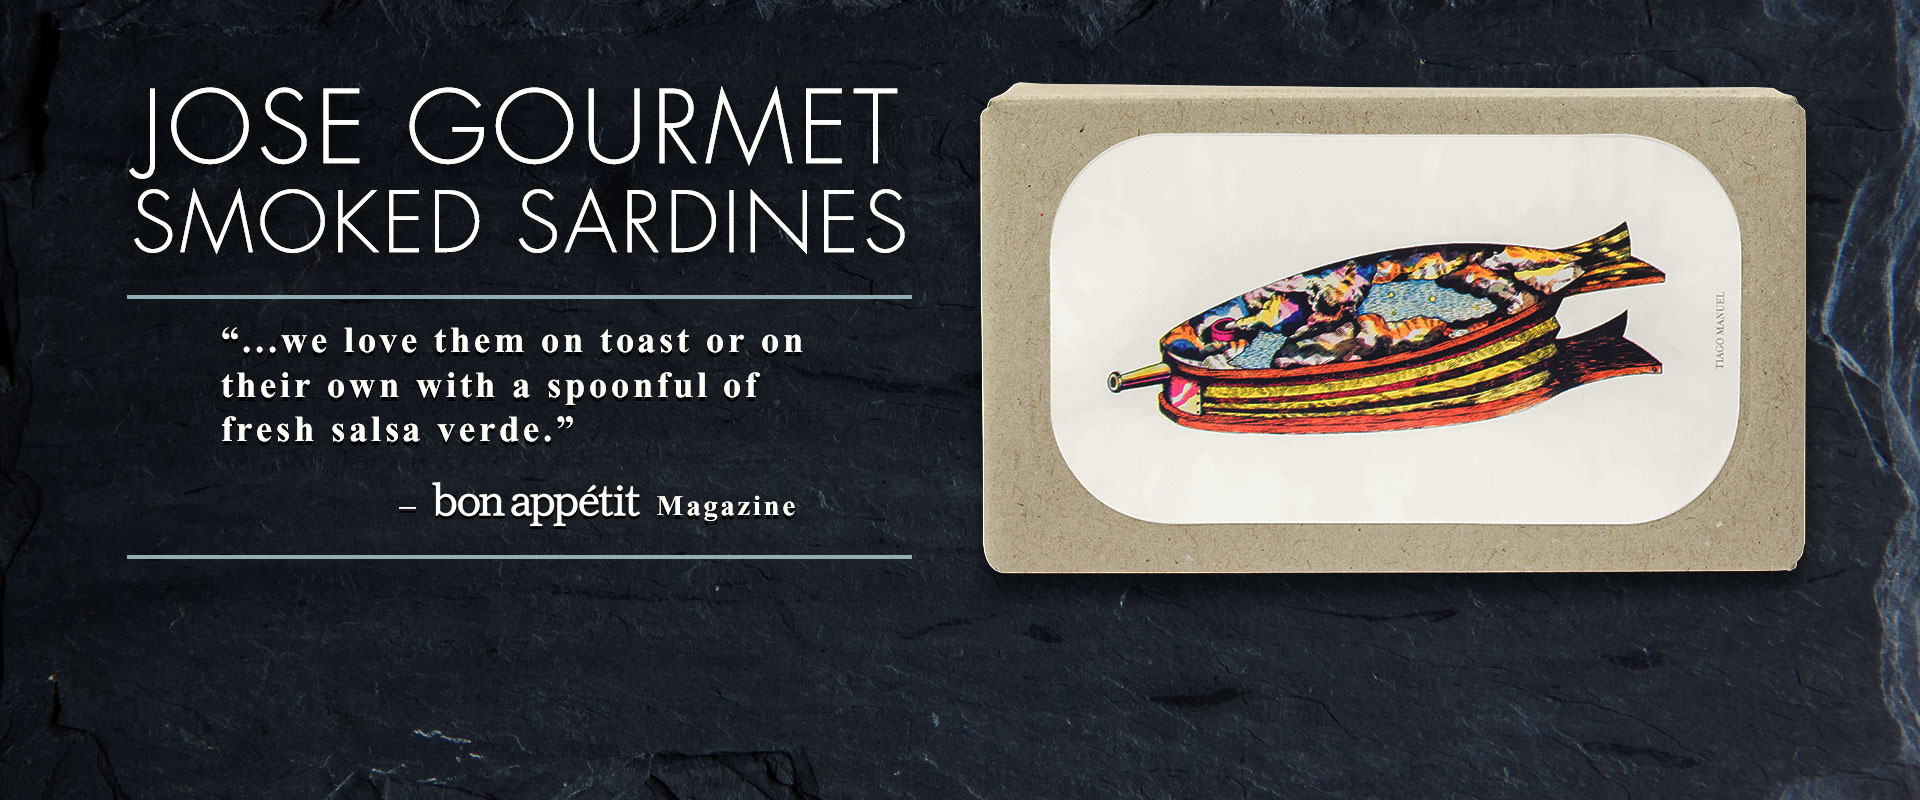 Jose Gourmet Smoked Sardines